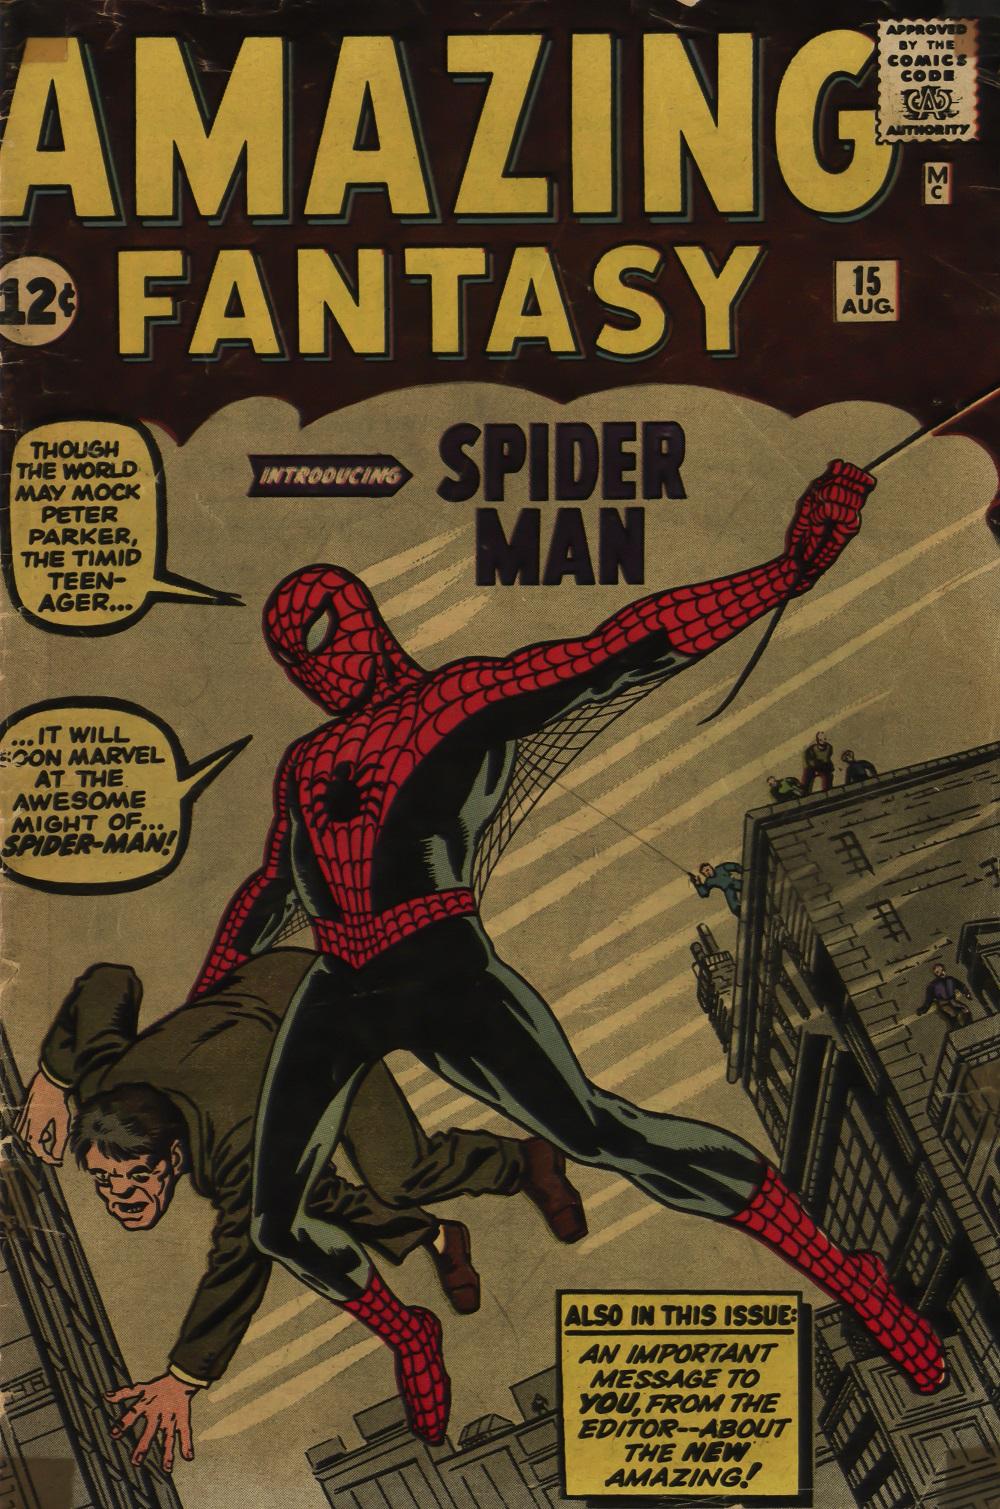 Rare Bites Series: Exploring Amazing Fantasy #15: The genesis of Spider-Man